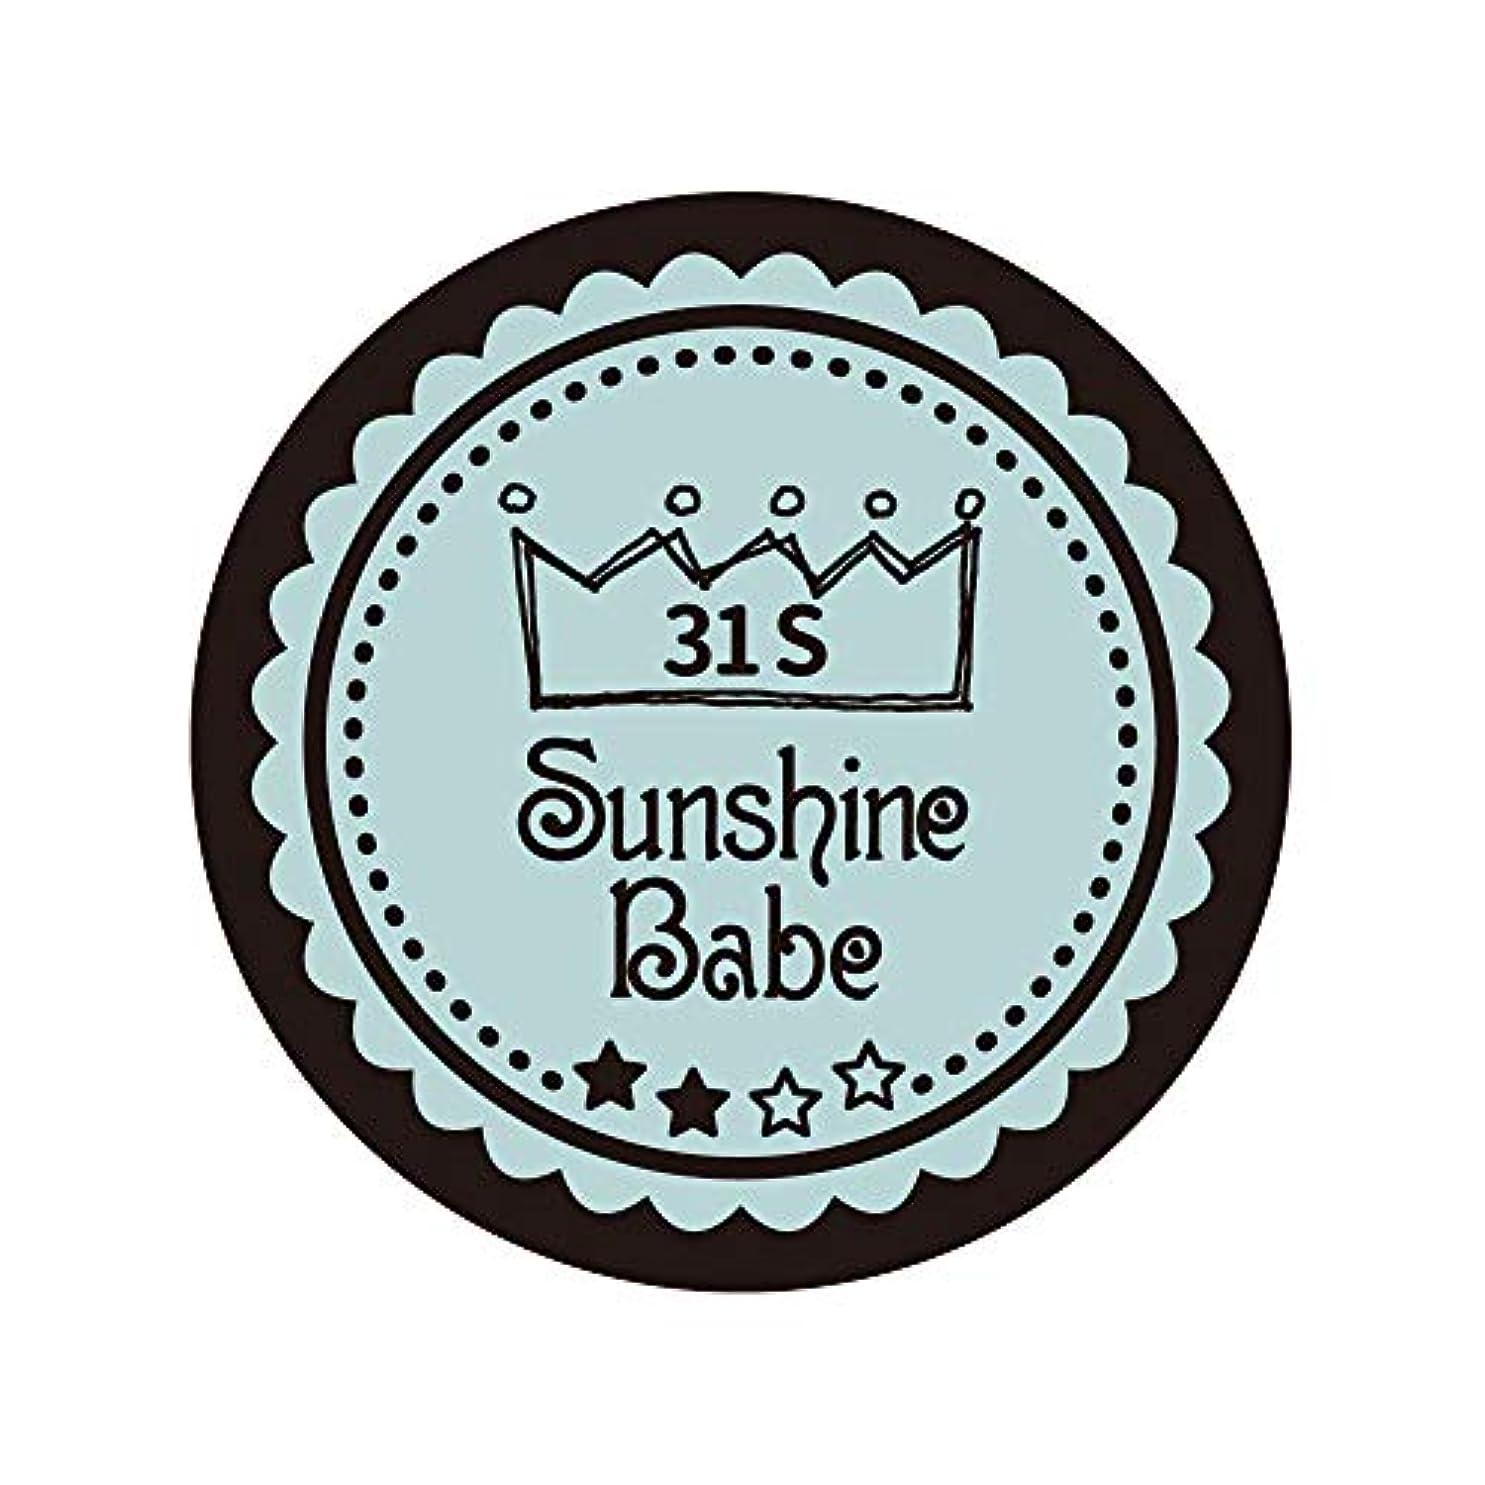 ずるいマスク実現可能Sunshine Babe カラージェル 31S アイスブルー 2.7g UV/LED対応